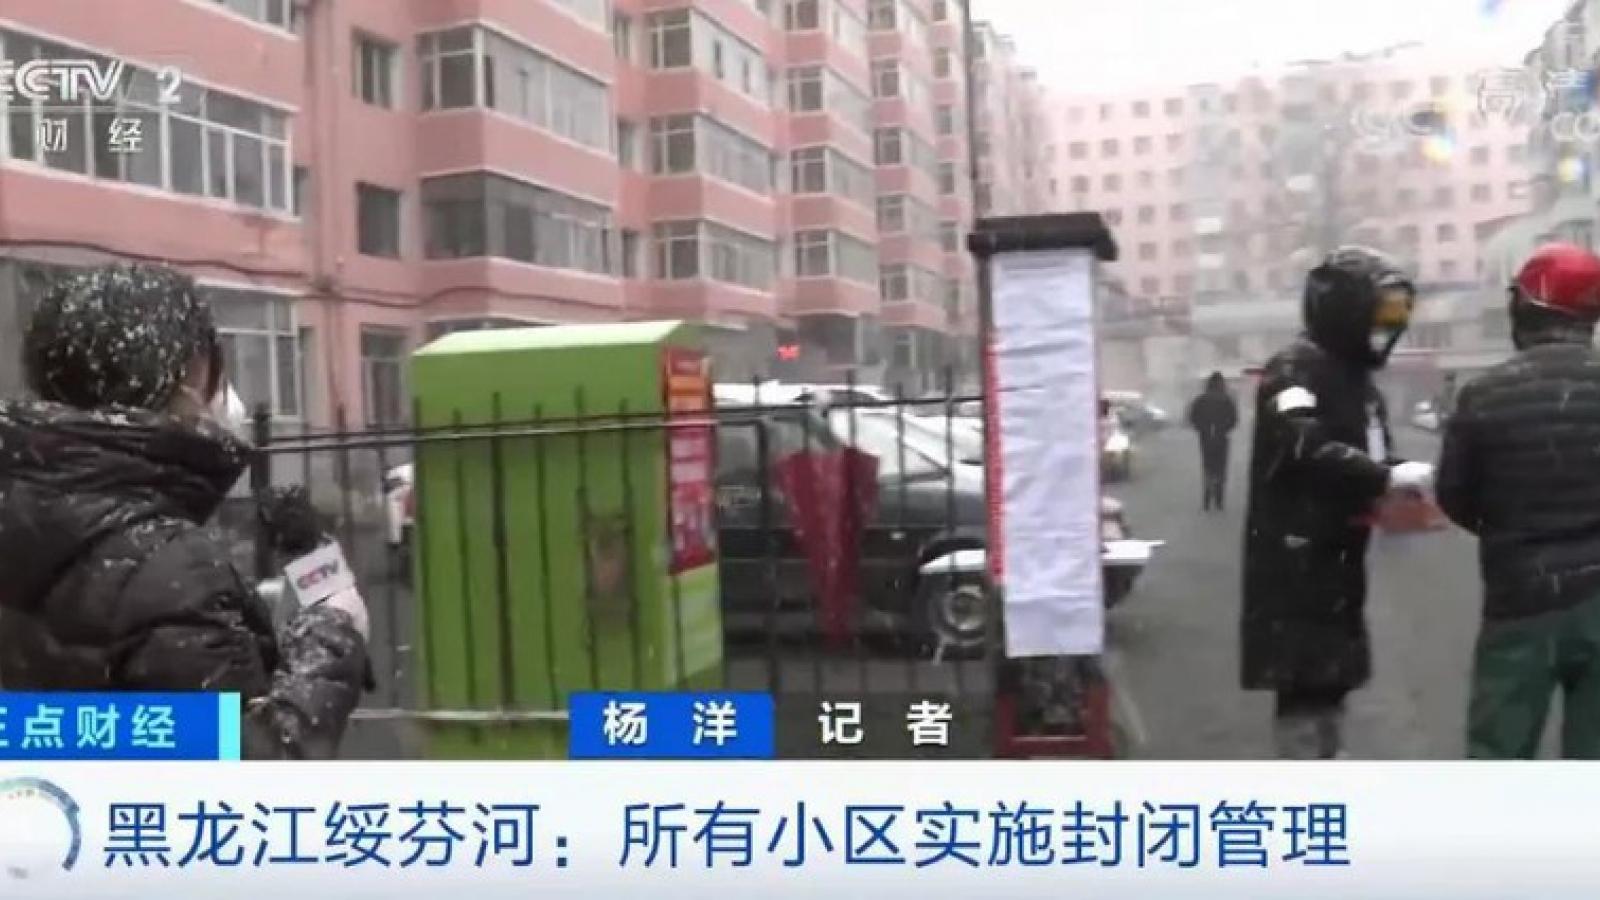 Trung Quốc kéo dài thời gian cách ly người nhập cảnh